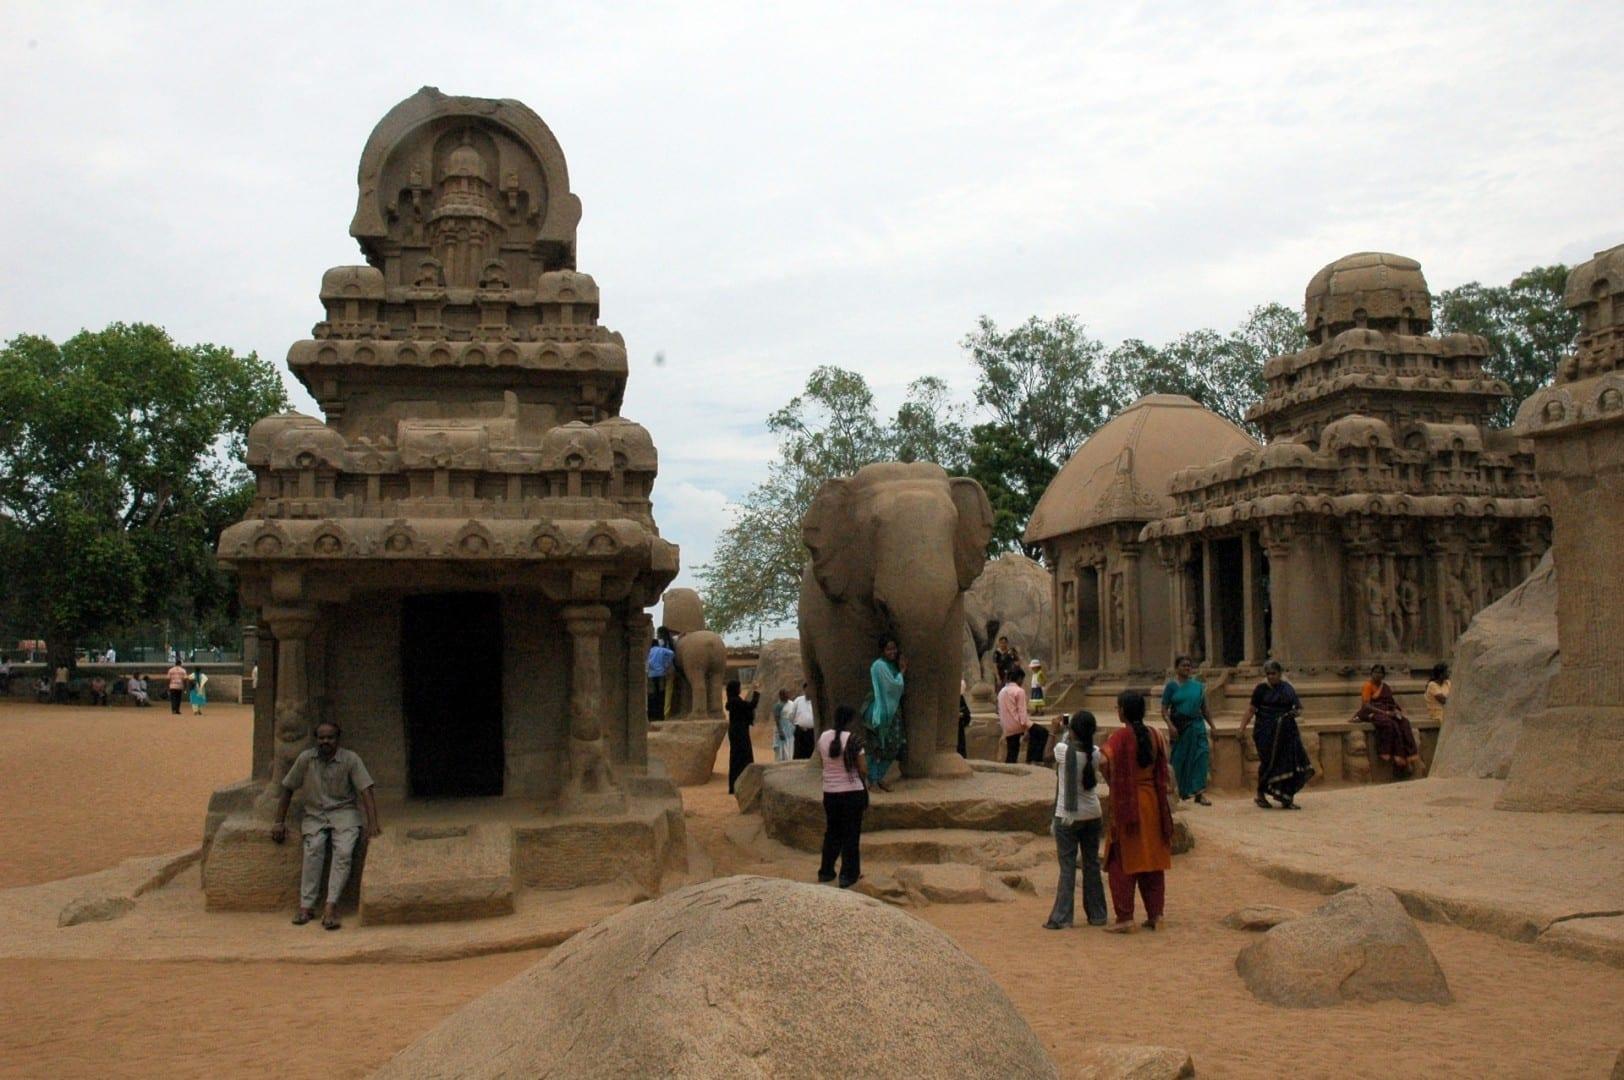 Tres de los cinco Rathas, con un elefante haciendo guardia Mamallapuram-Mahabalipuram India